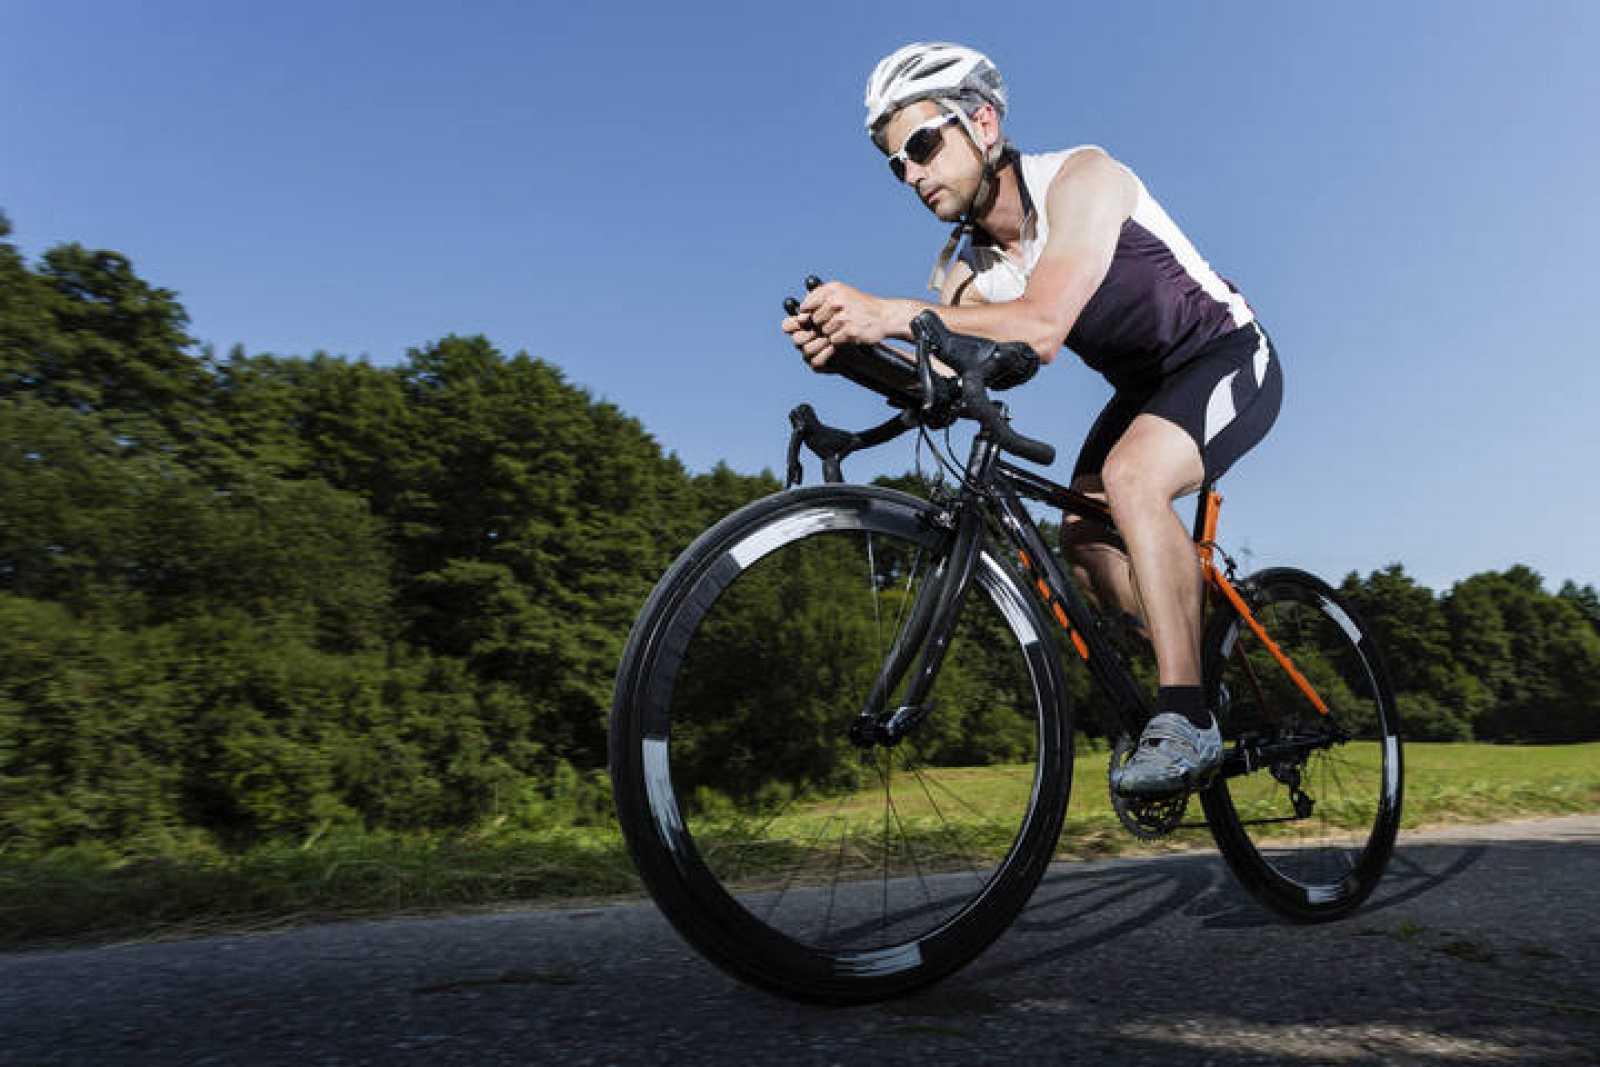 Un triatleta corriendo en bici.